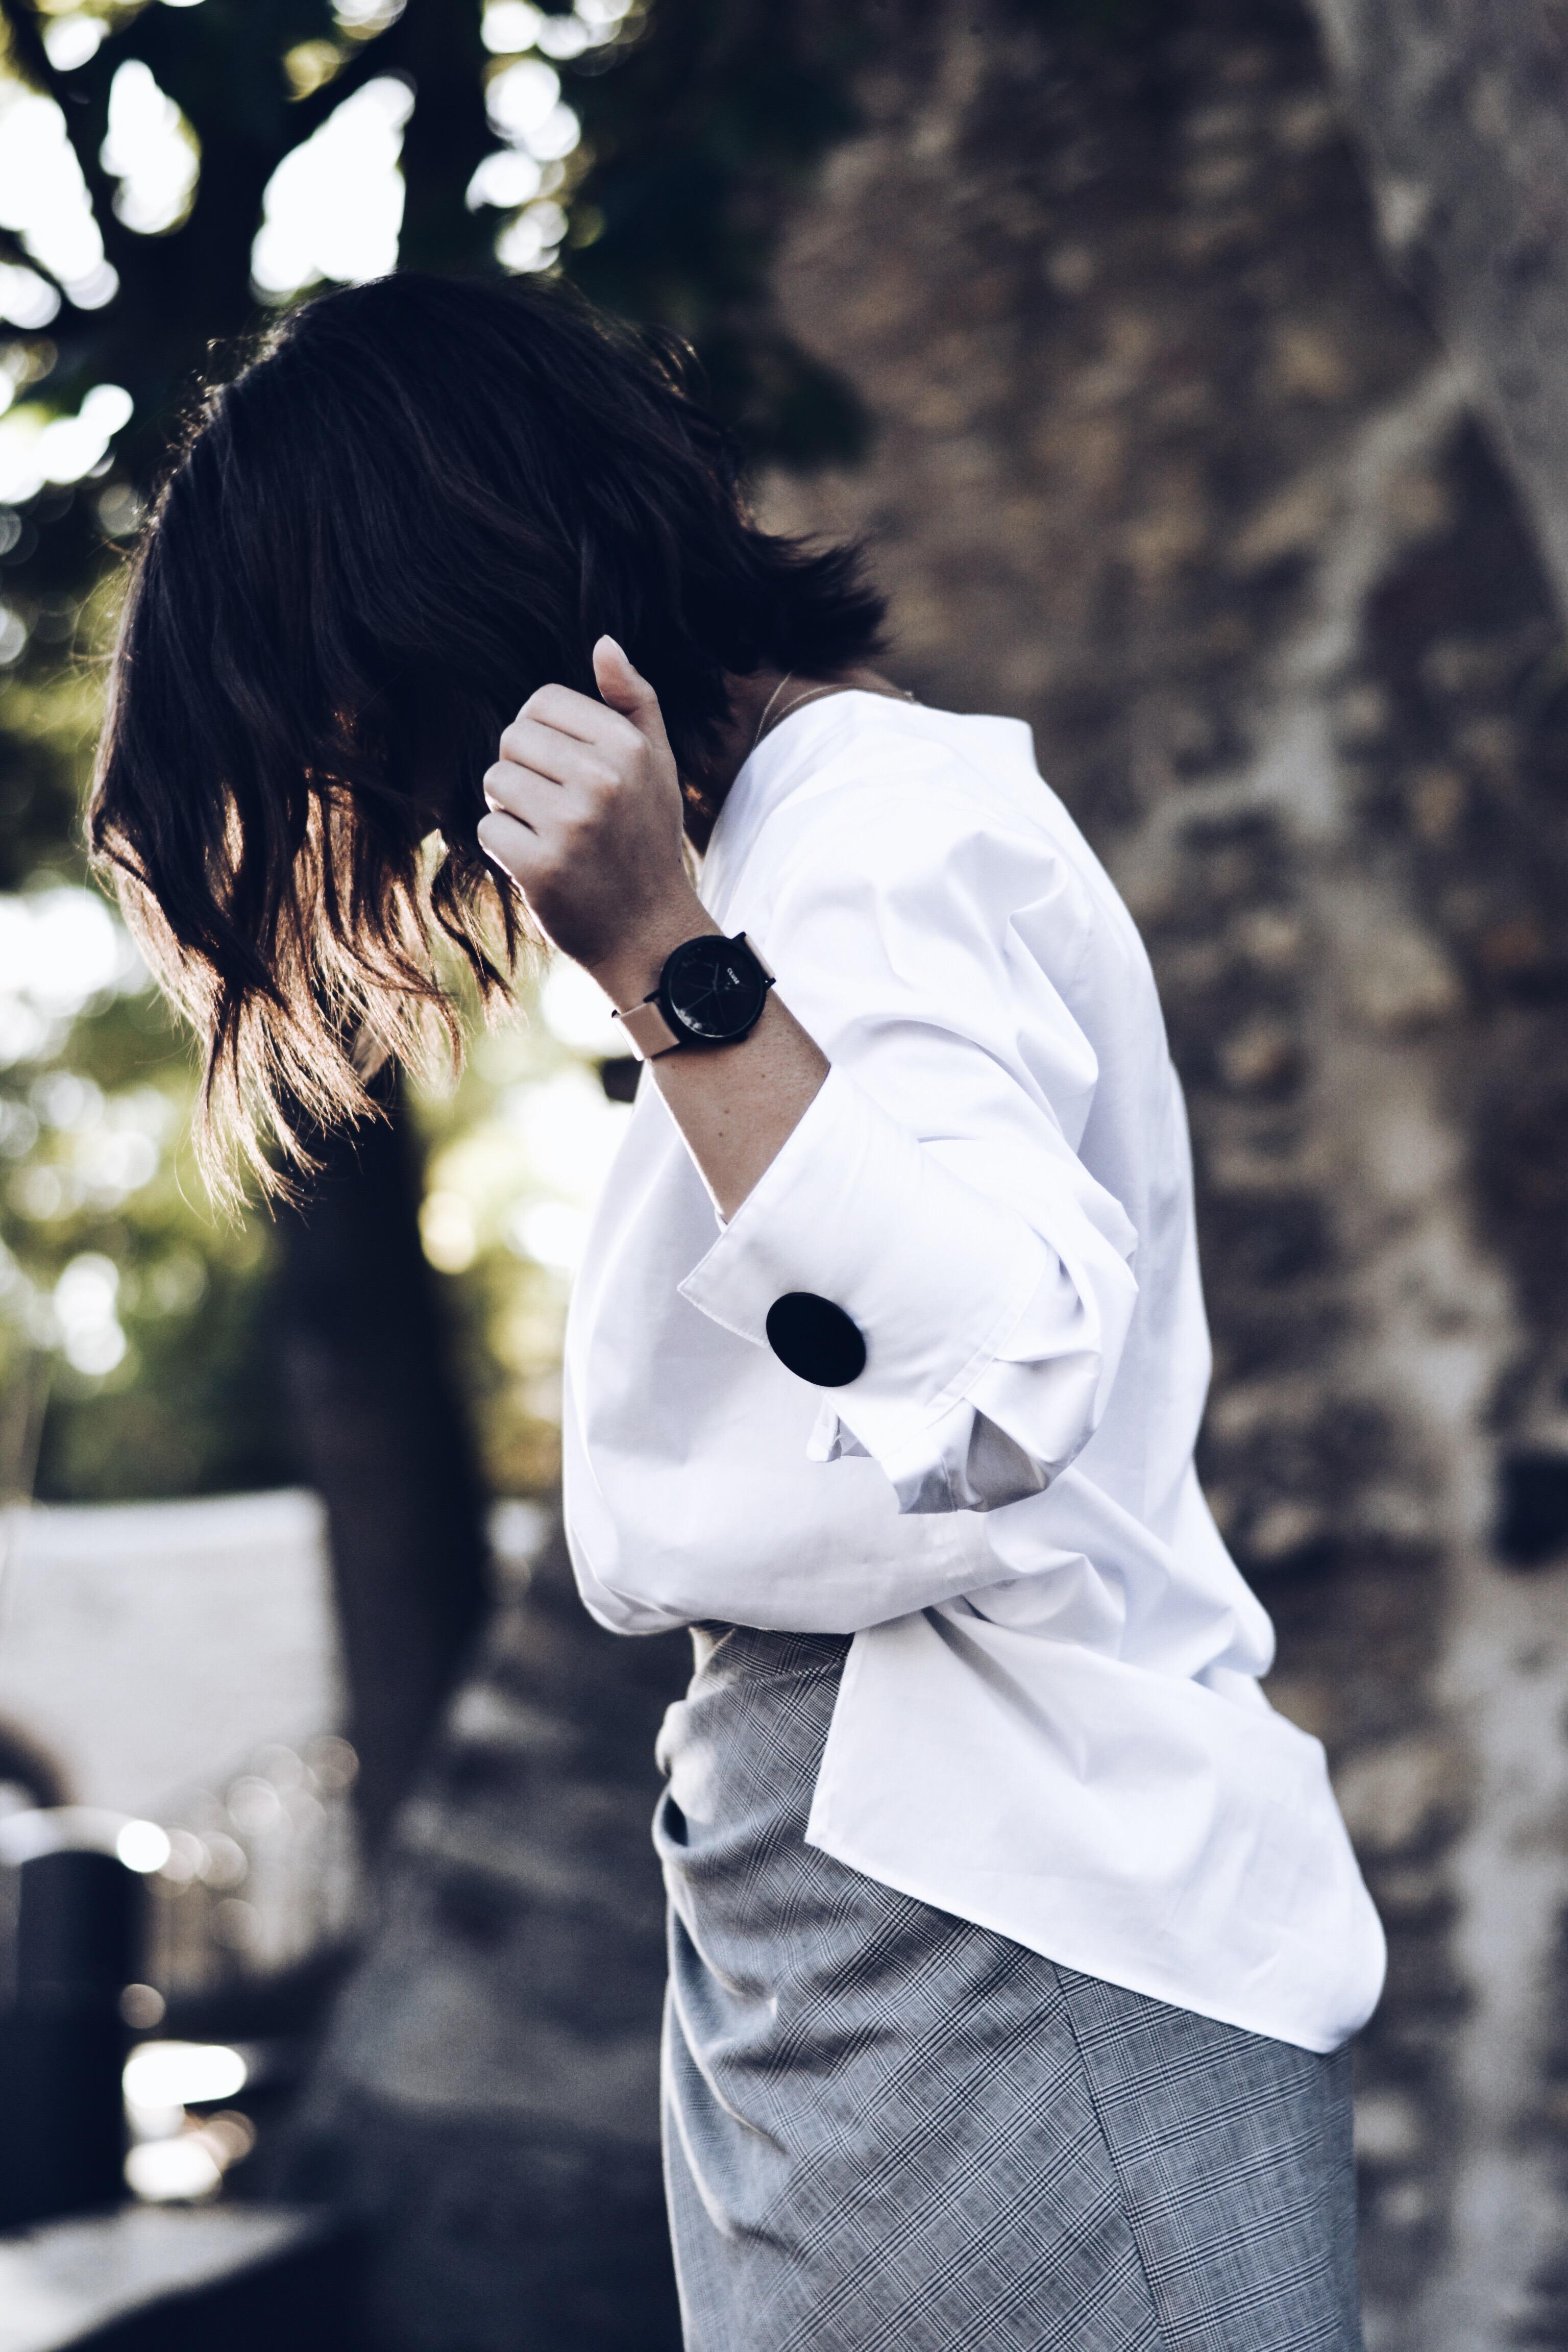 allthatchoices zara bluse oversize weiß knöpfe schwarz rock geknotet gebunden longbob lob wellige haare puma sneaker weiß retro tamaris tasche schwarz cluse rosa marble marmor11 .JPG